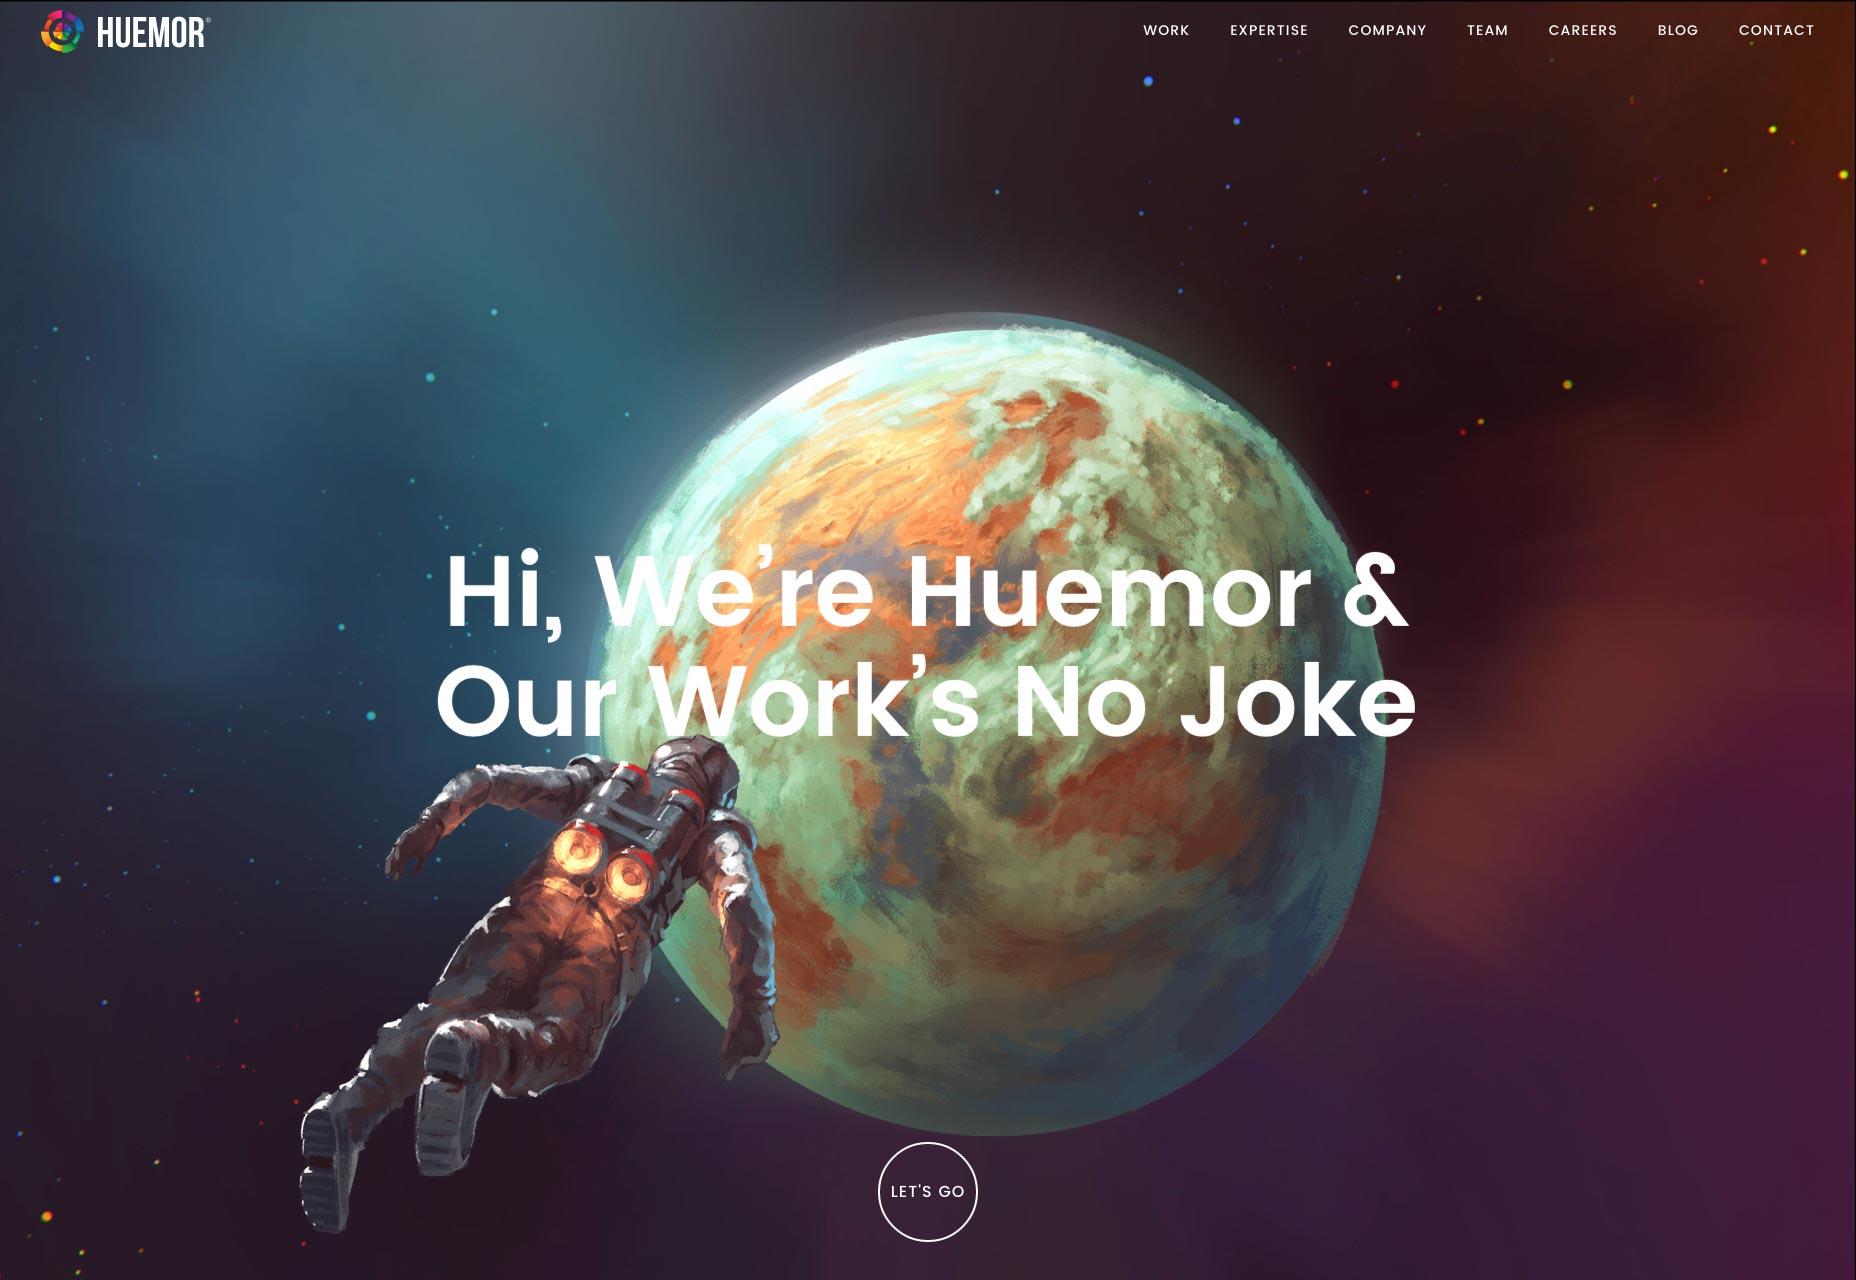 huemor